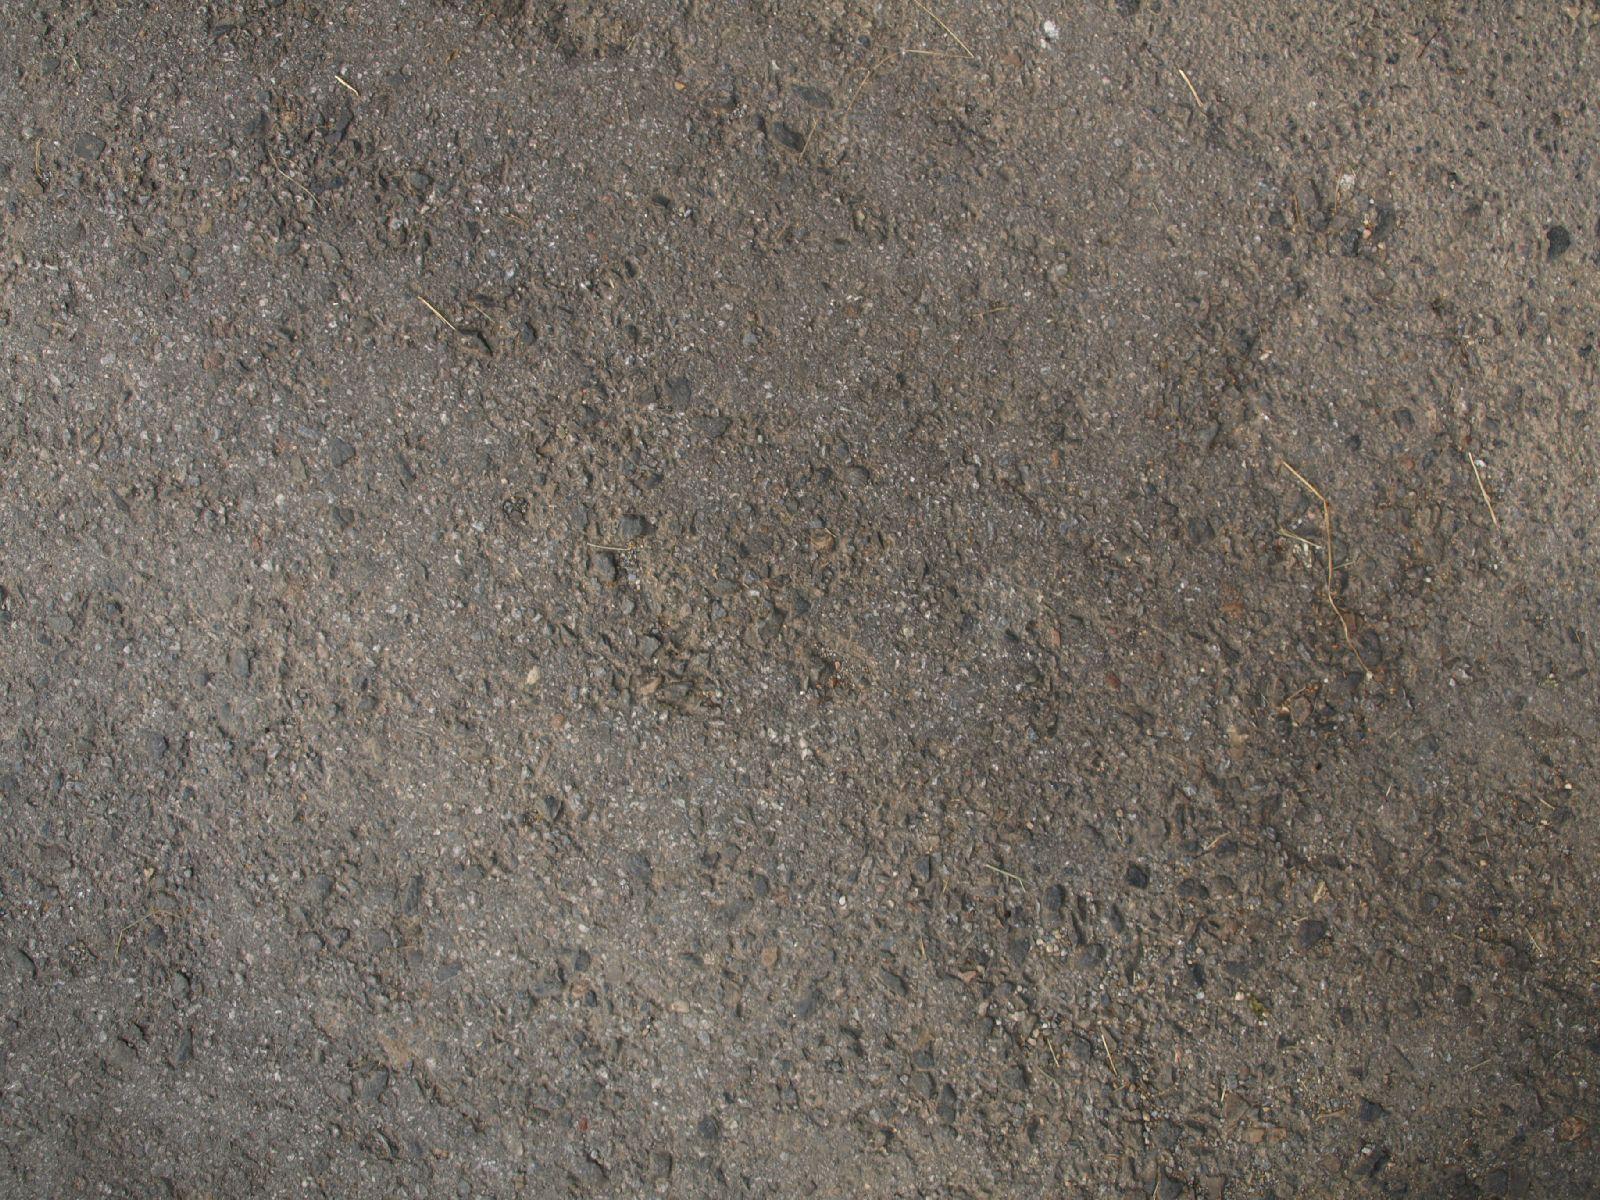 Ground-Urban_Texture_A_P8174444